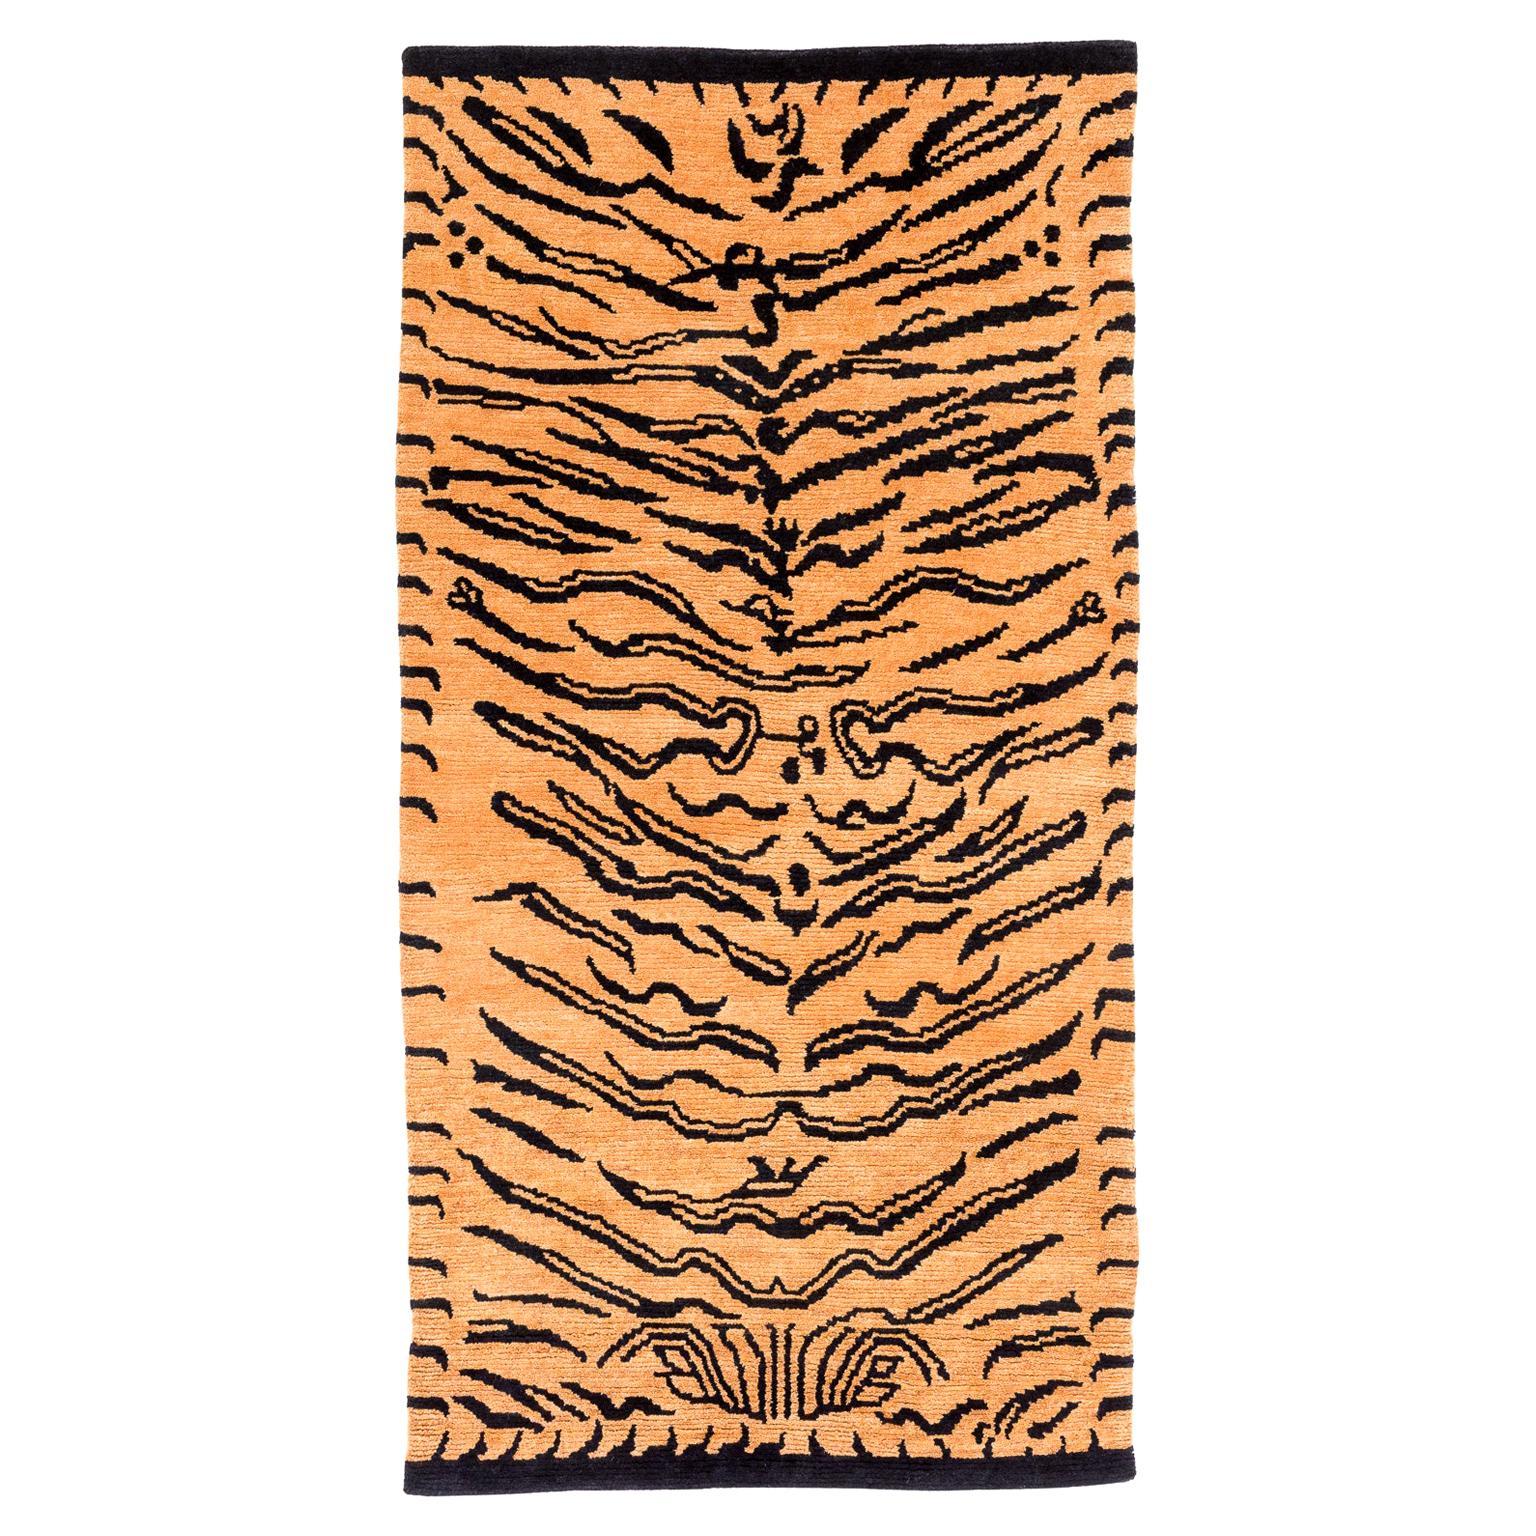 Wool Tibetan Tiger Rug by Carini